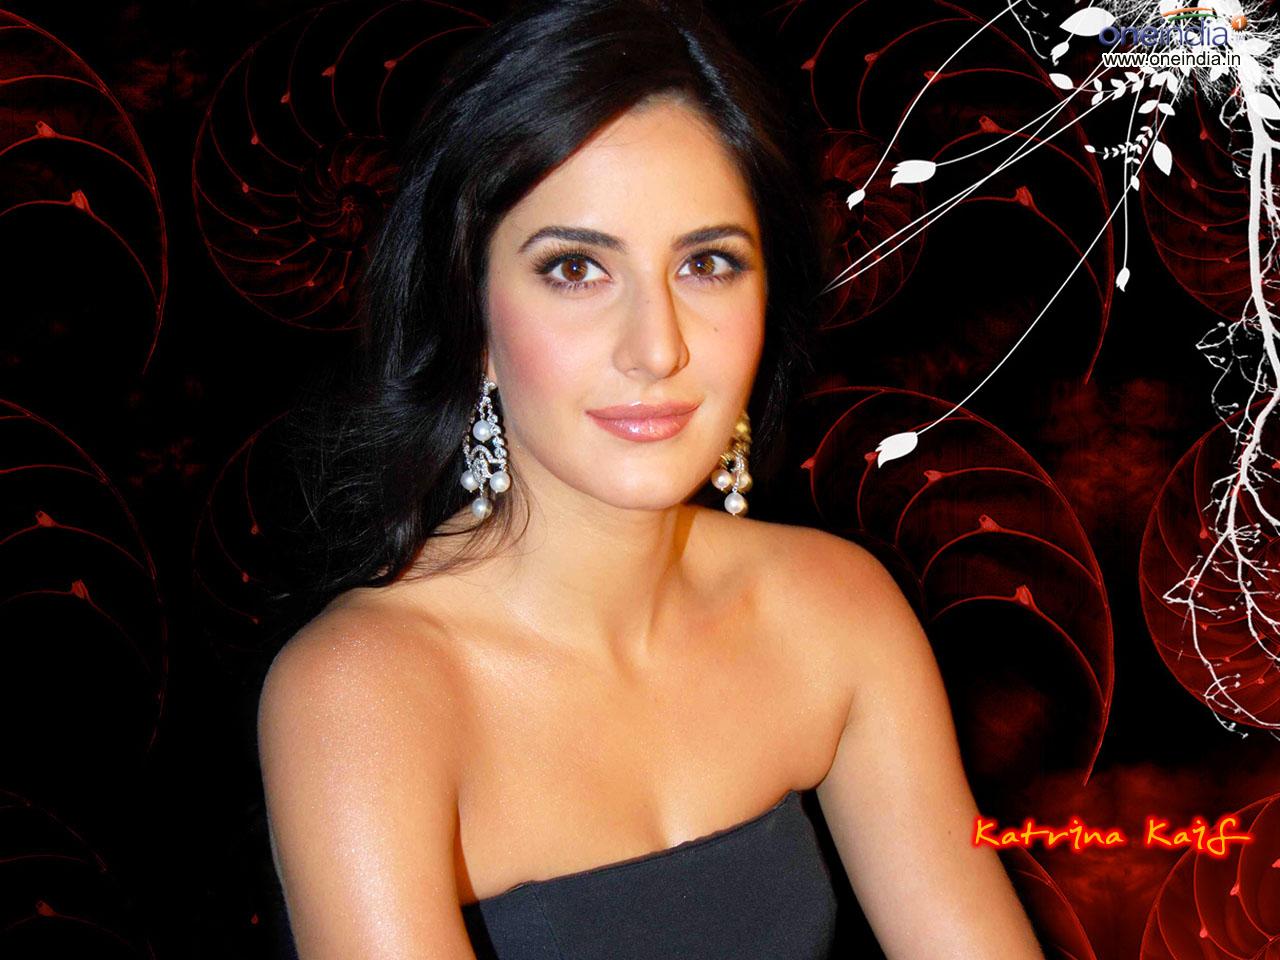 Isabella Kaif Sexy Photos